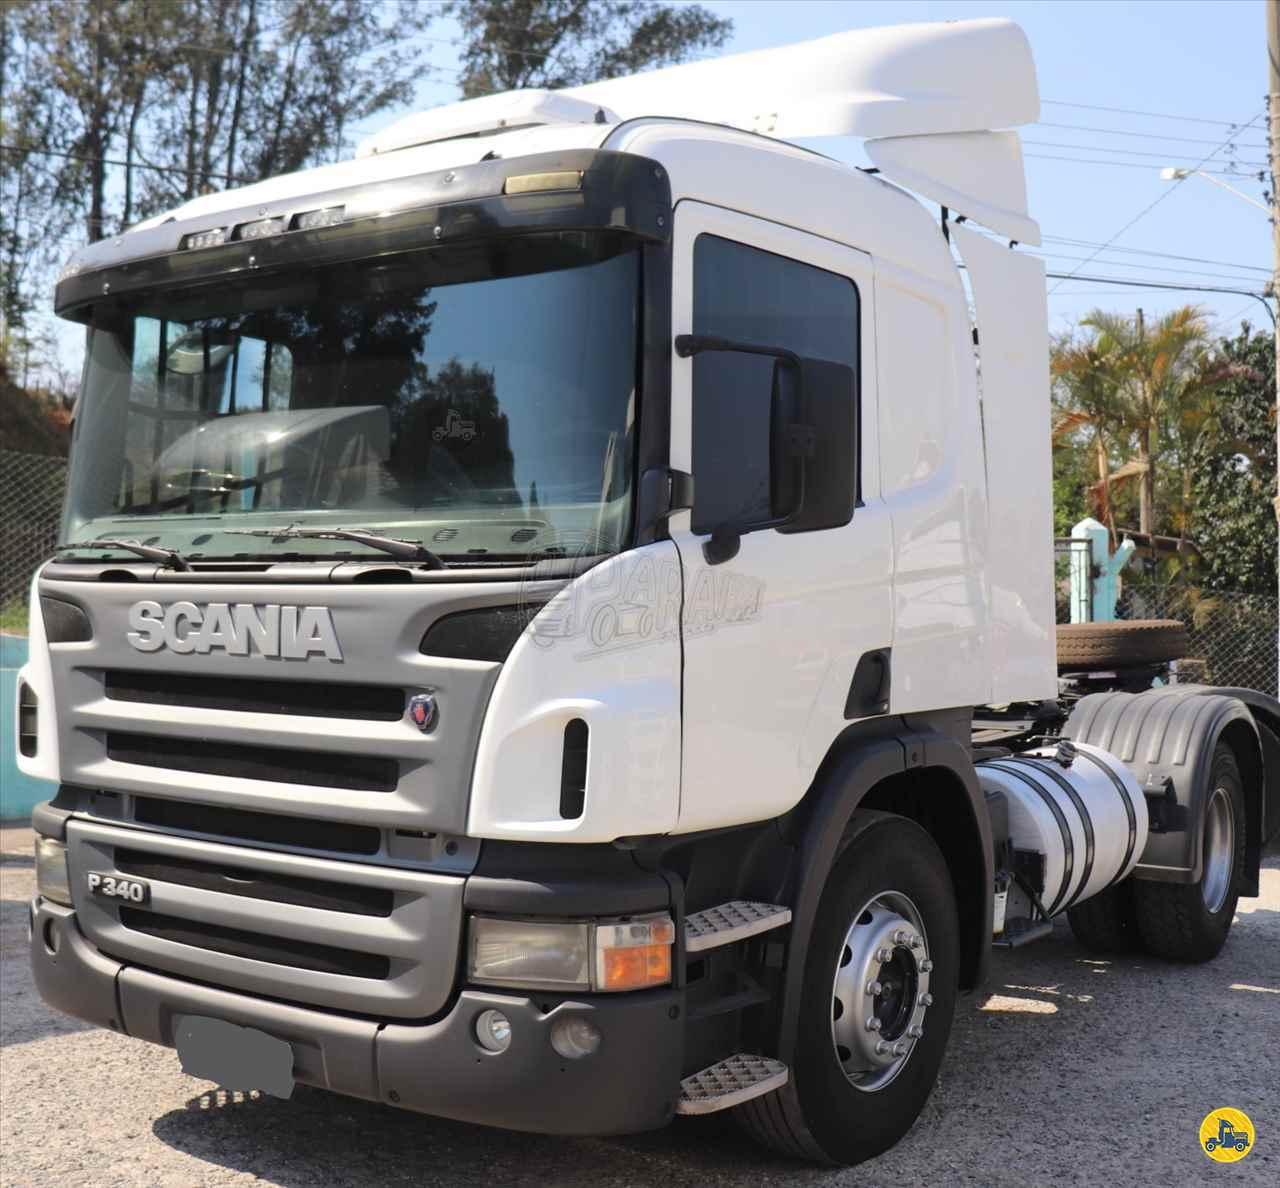 CAMINHAO SCANIA SCANIA P340 Chassis Toco 4x2 Paraíso Pesados ARACARIGUAMA SÃO PAULO SP